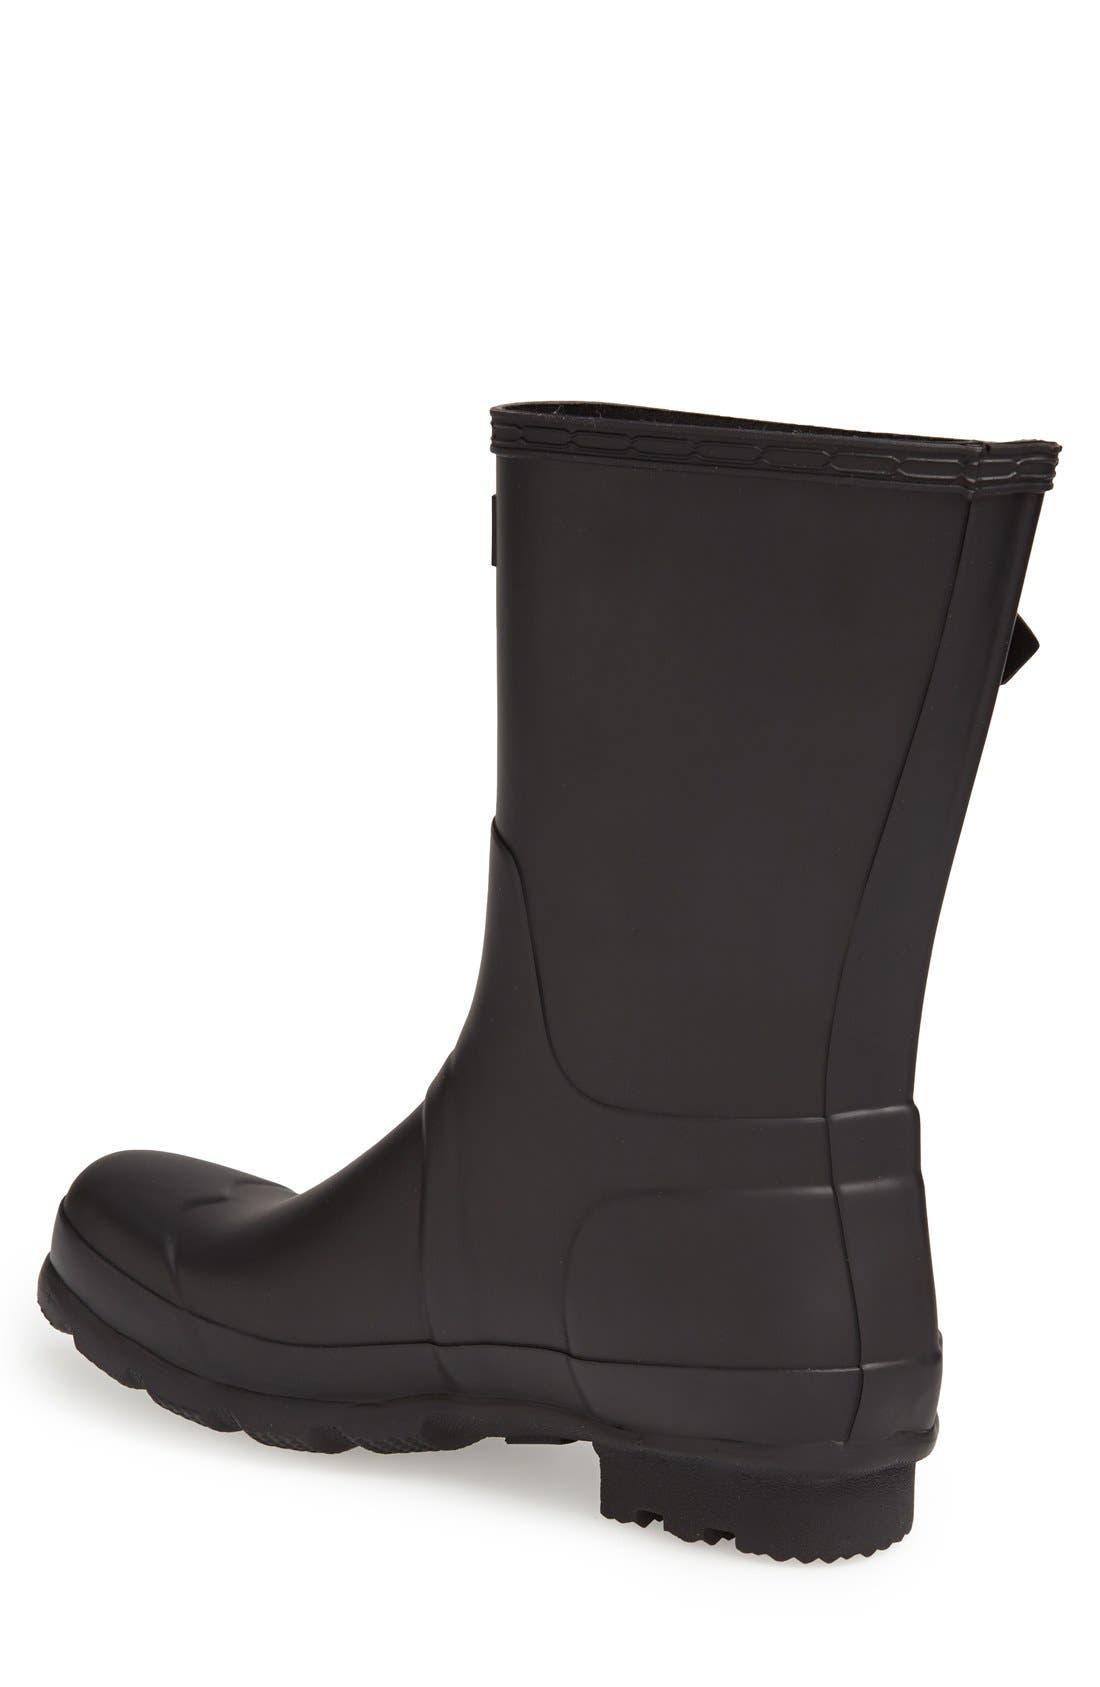 HUNTER,                             Original Short Waterproof Rain Boot,                             Alternate thumbnail 2, color,                             BLACK